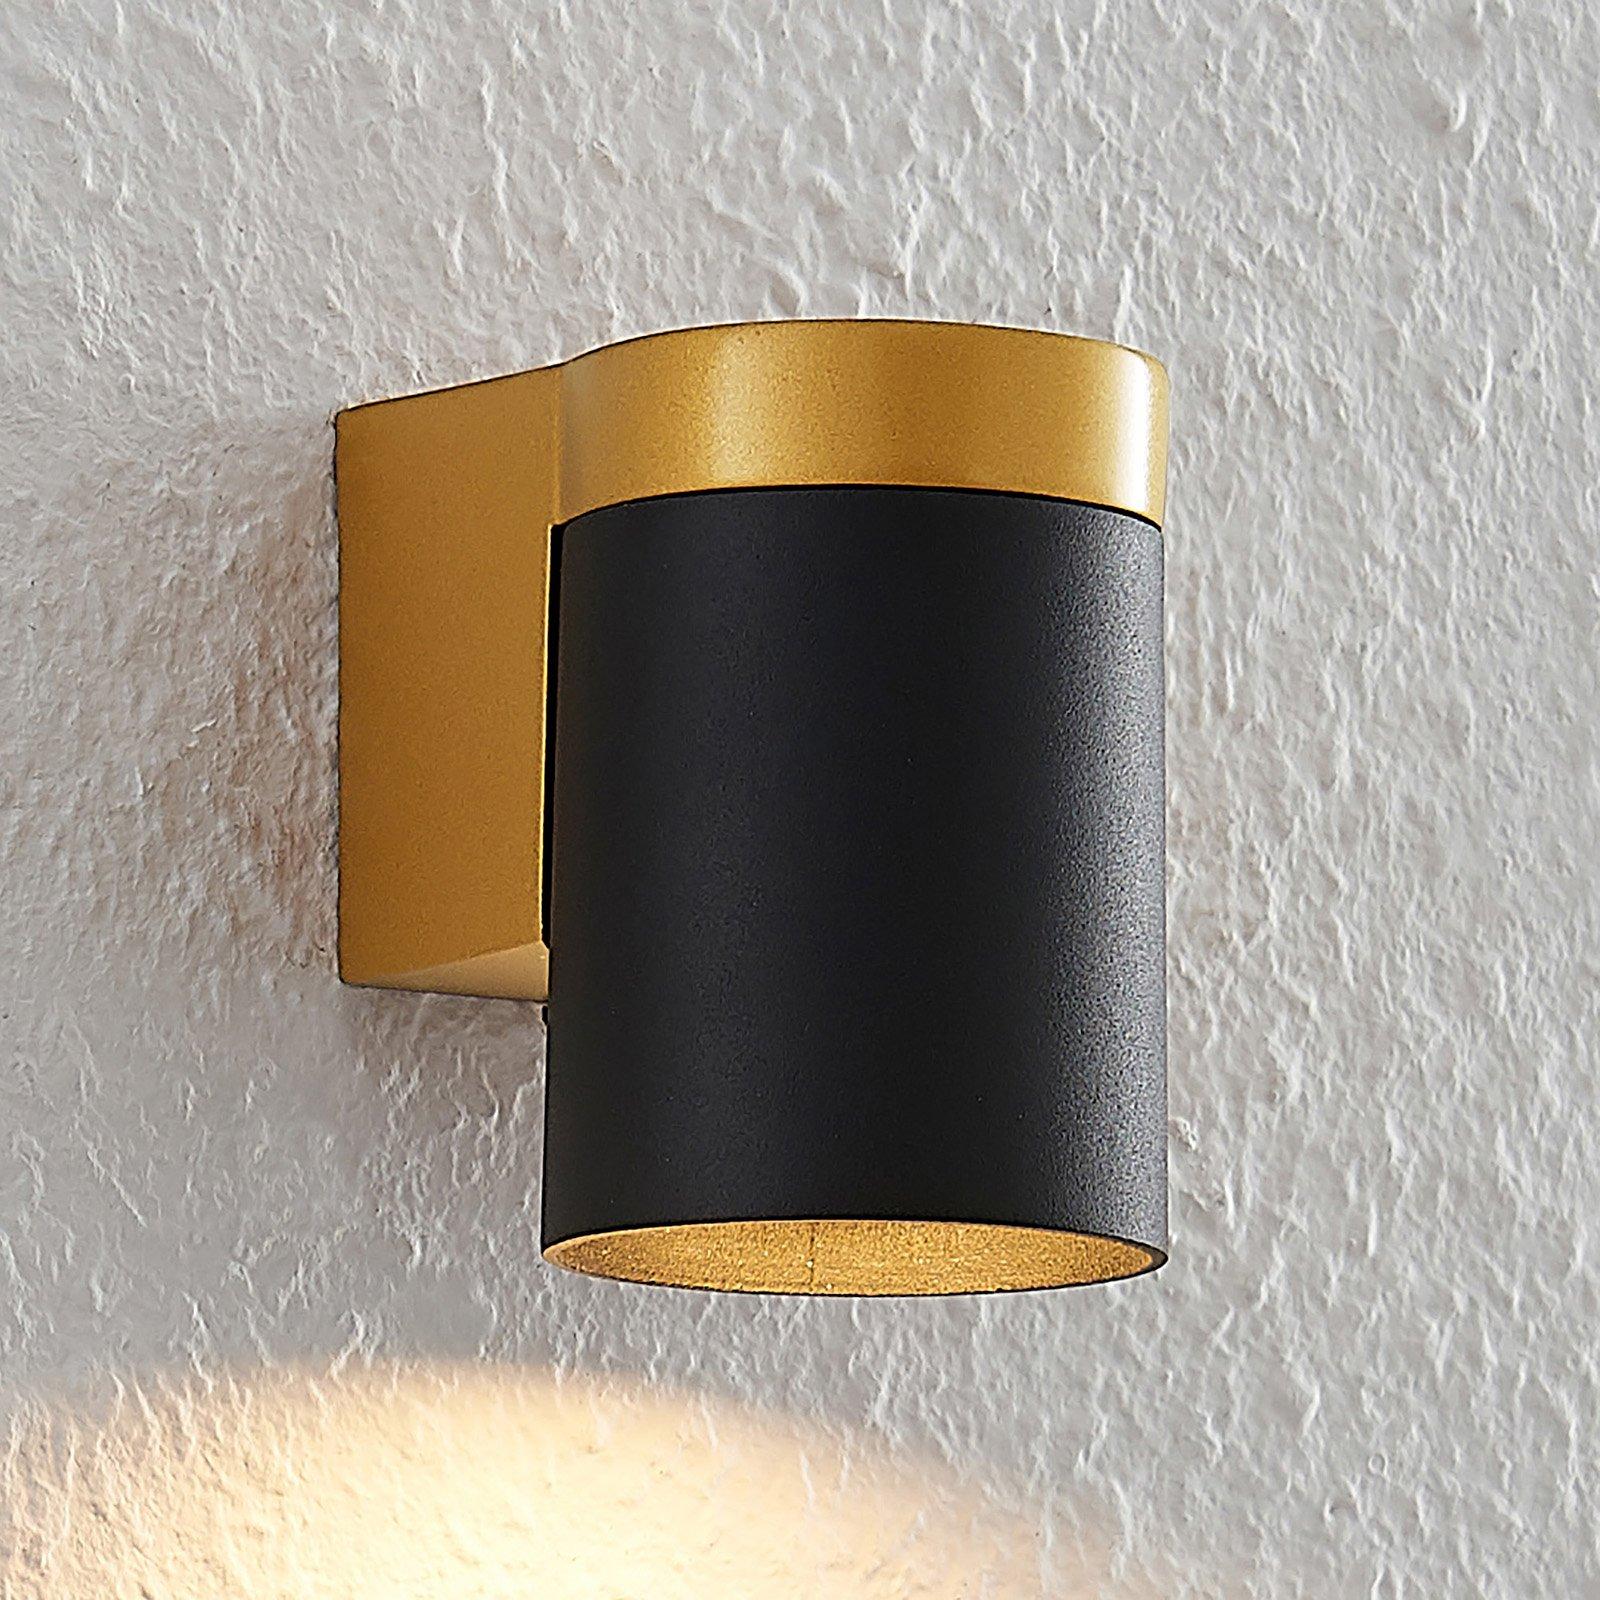 Arcchio Asra vegglampe, 1 lyskilde, svart